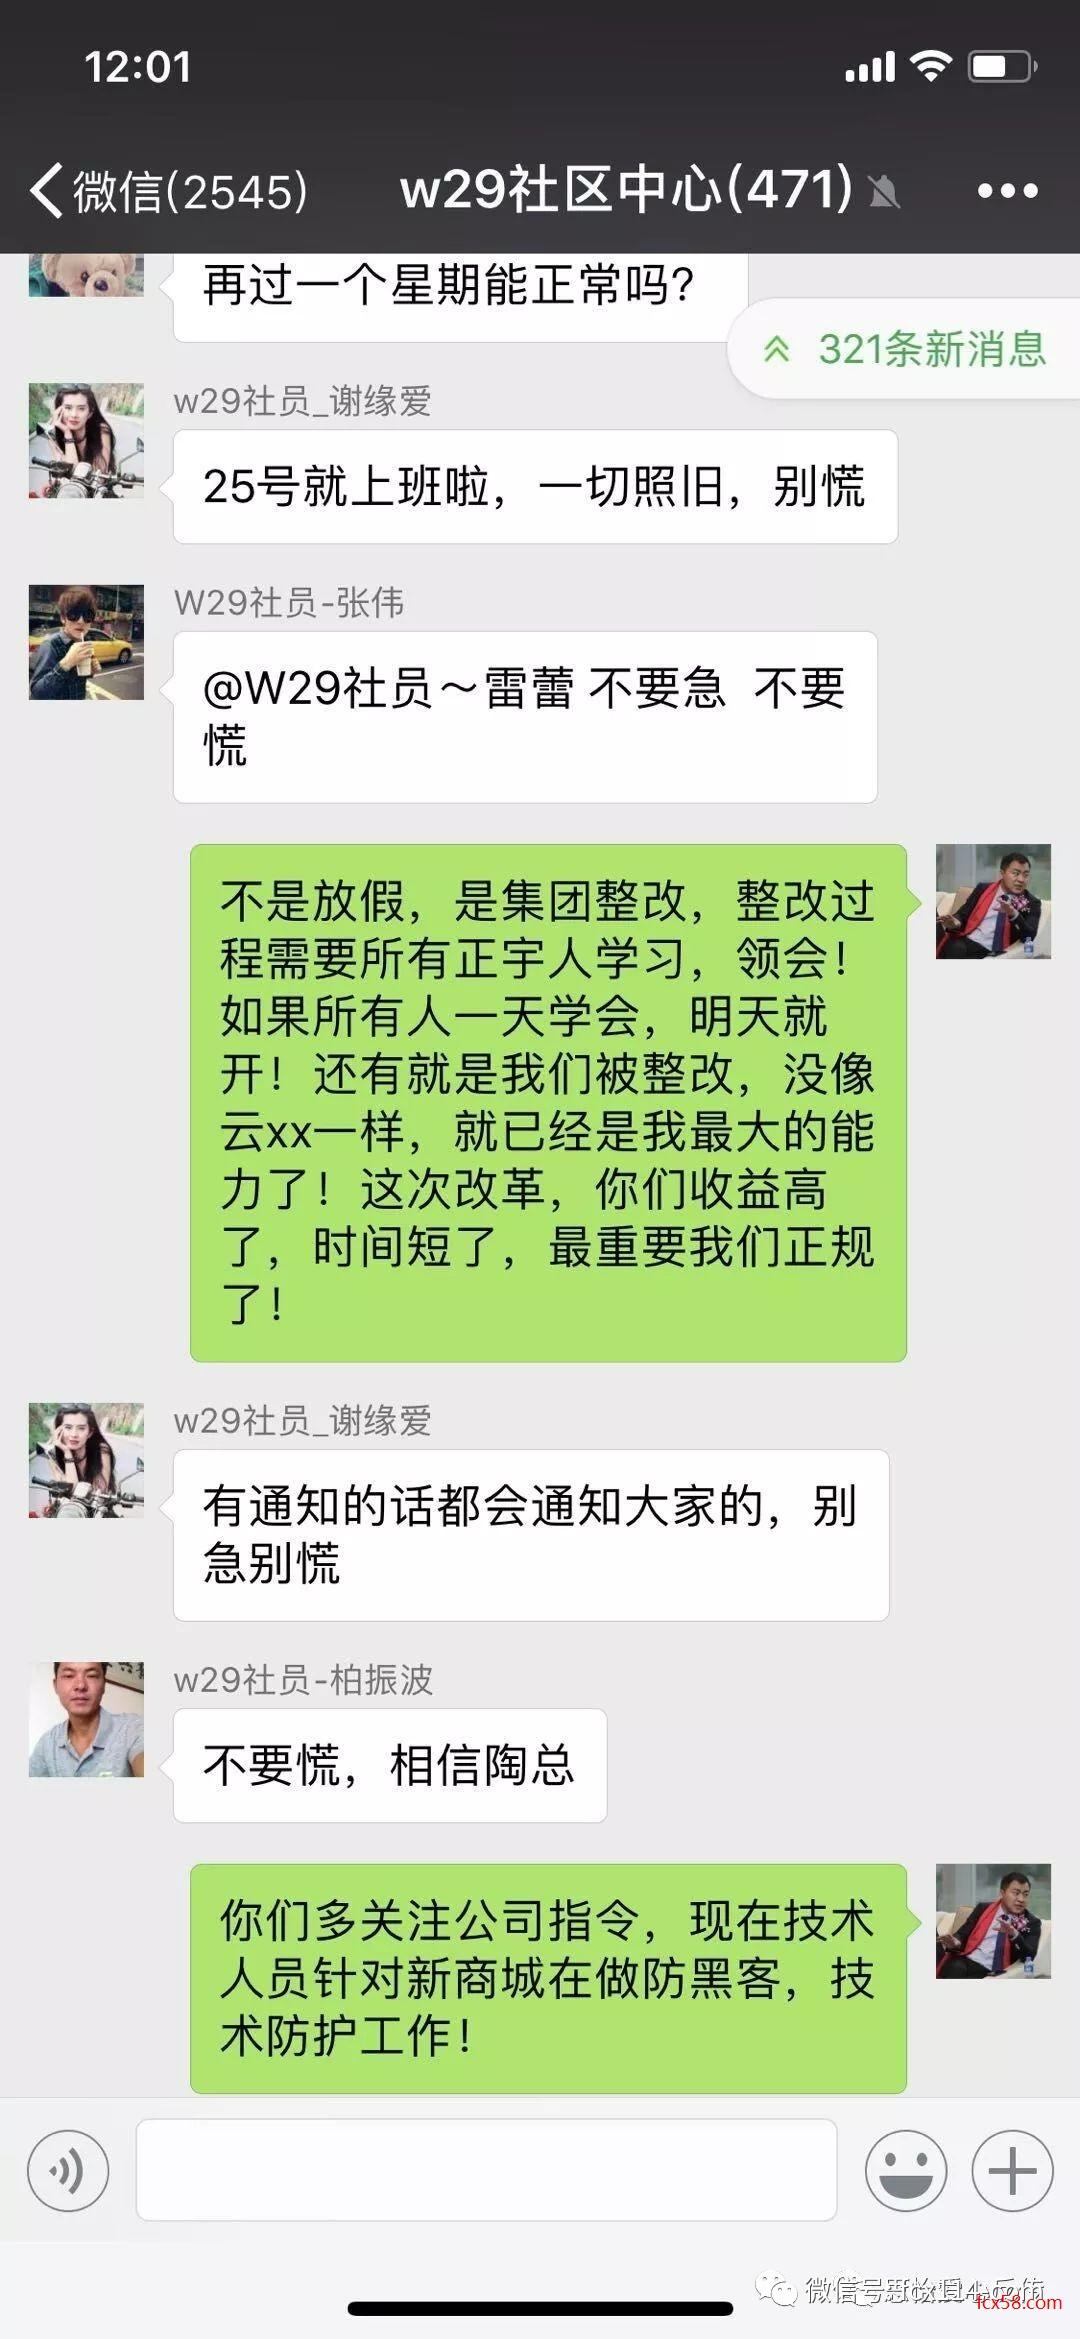 【追踪】正宇乾易通控股集团涉嫌非法传销 分红套路再度重现